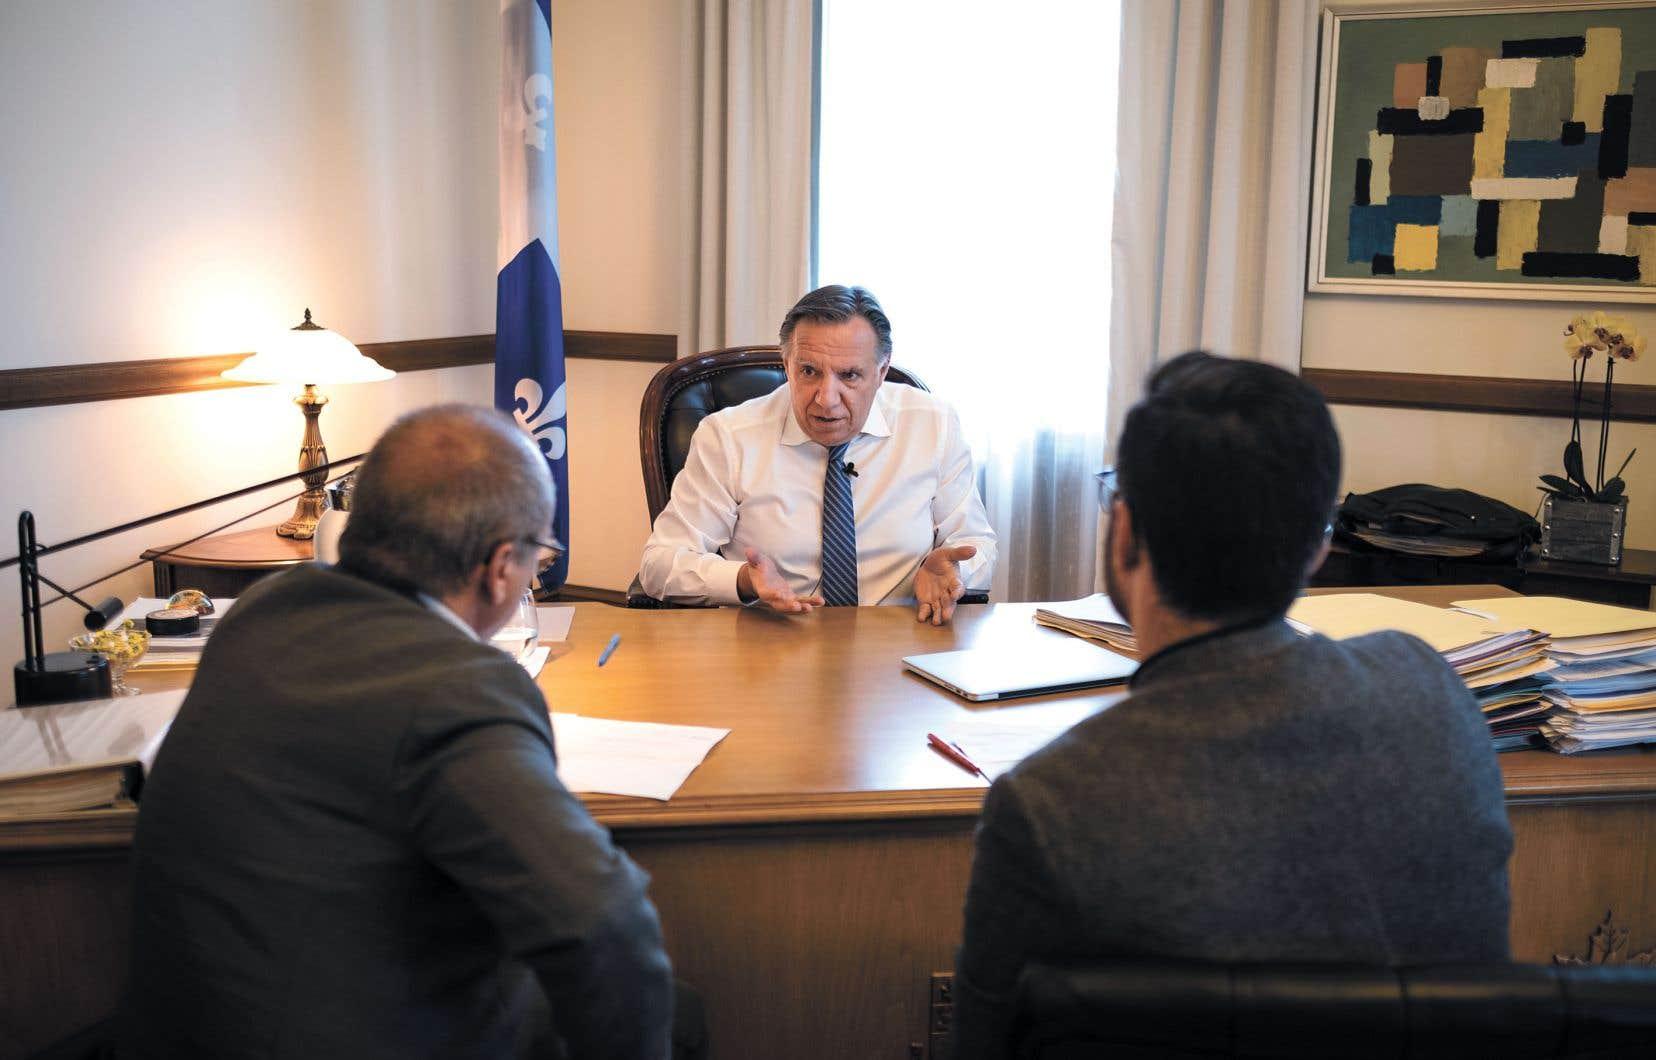 Le premier ministre François Legault s'est entretenu avec l'éditorialiste Robert Dutrisac et le journaliste Marco Bélair-Cirino.